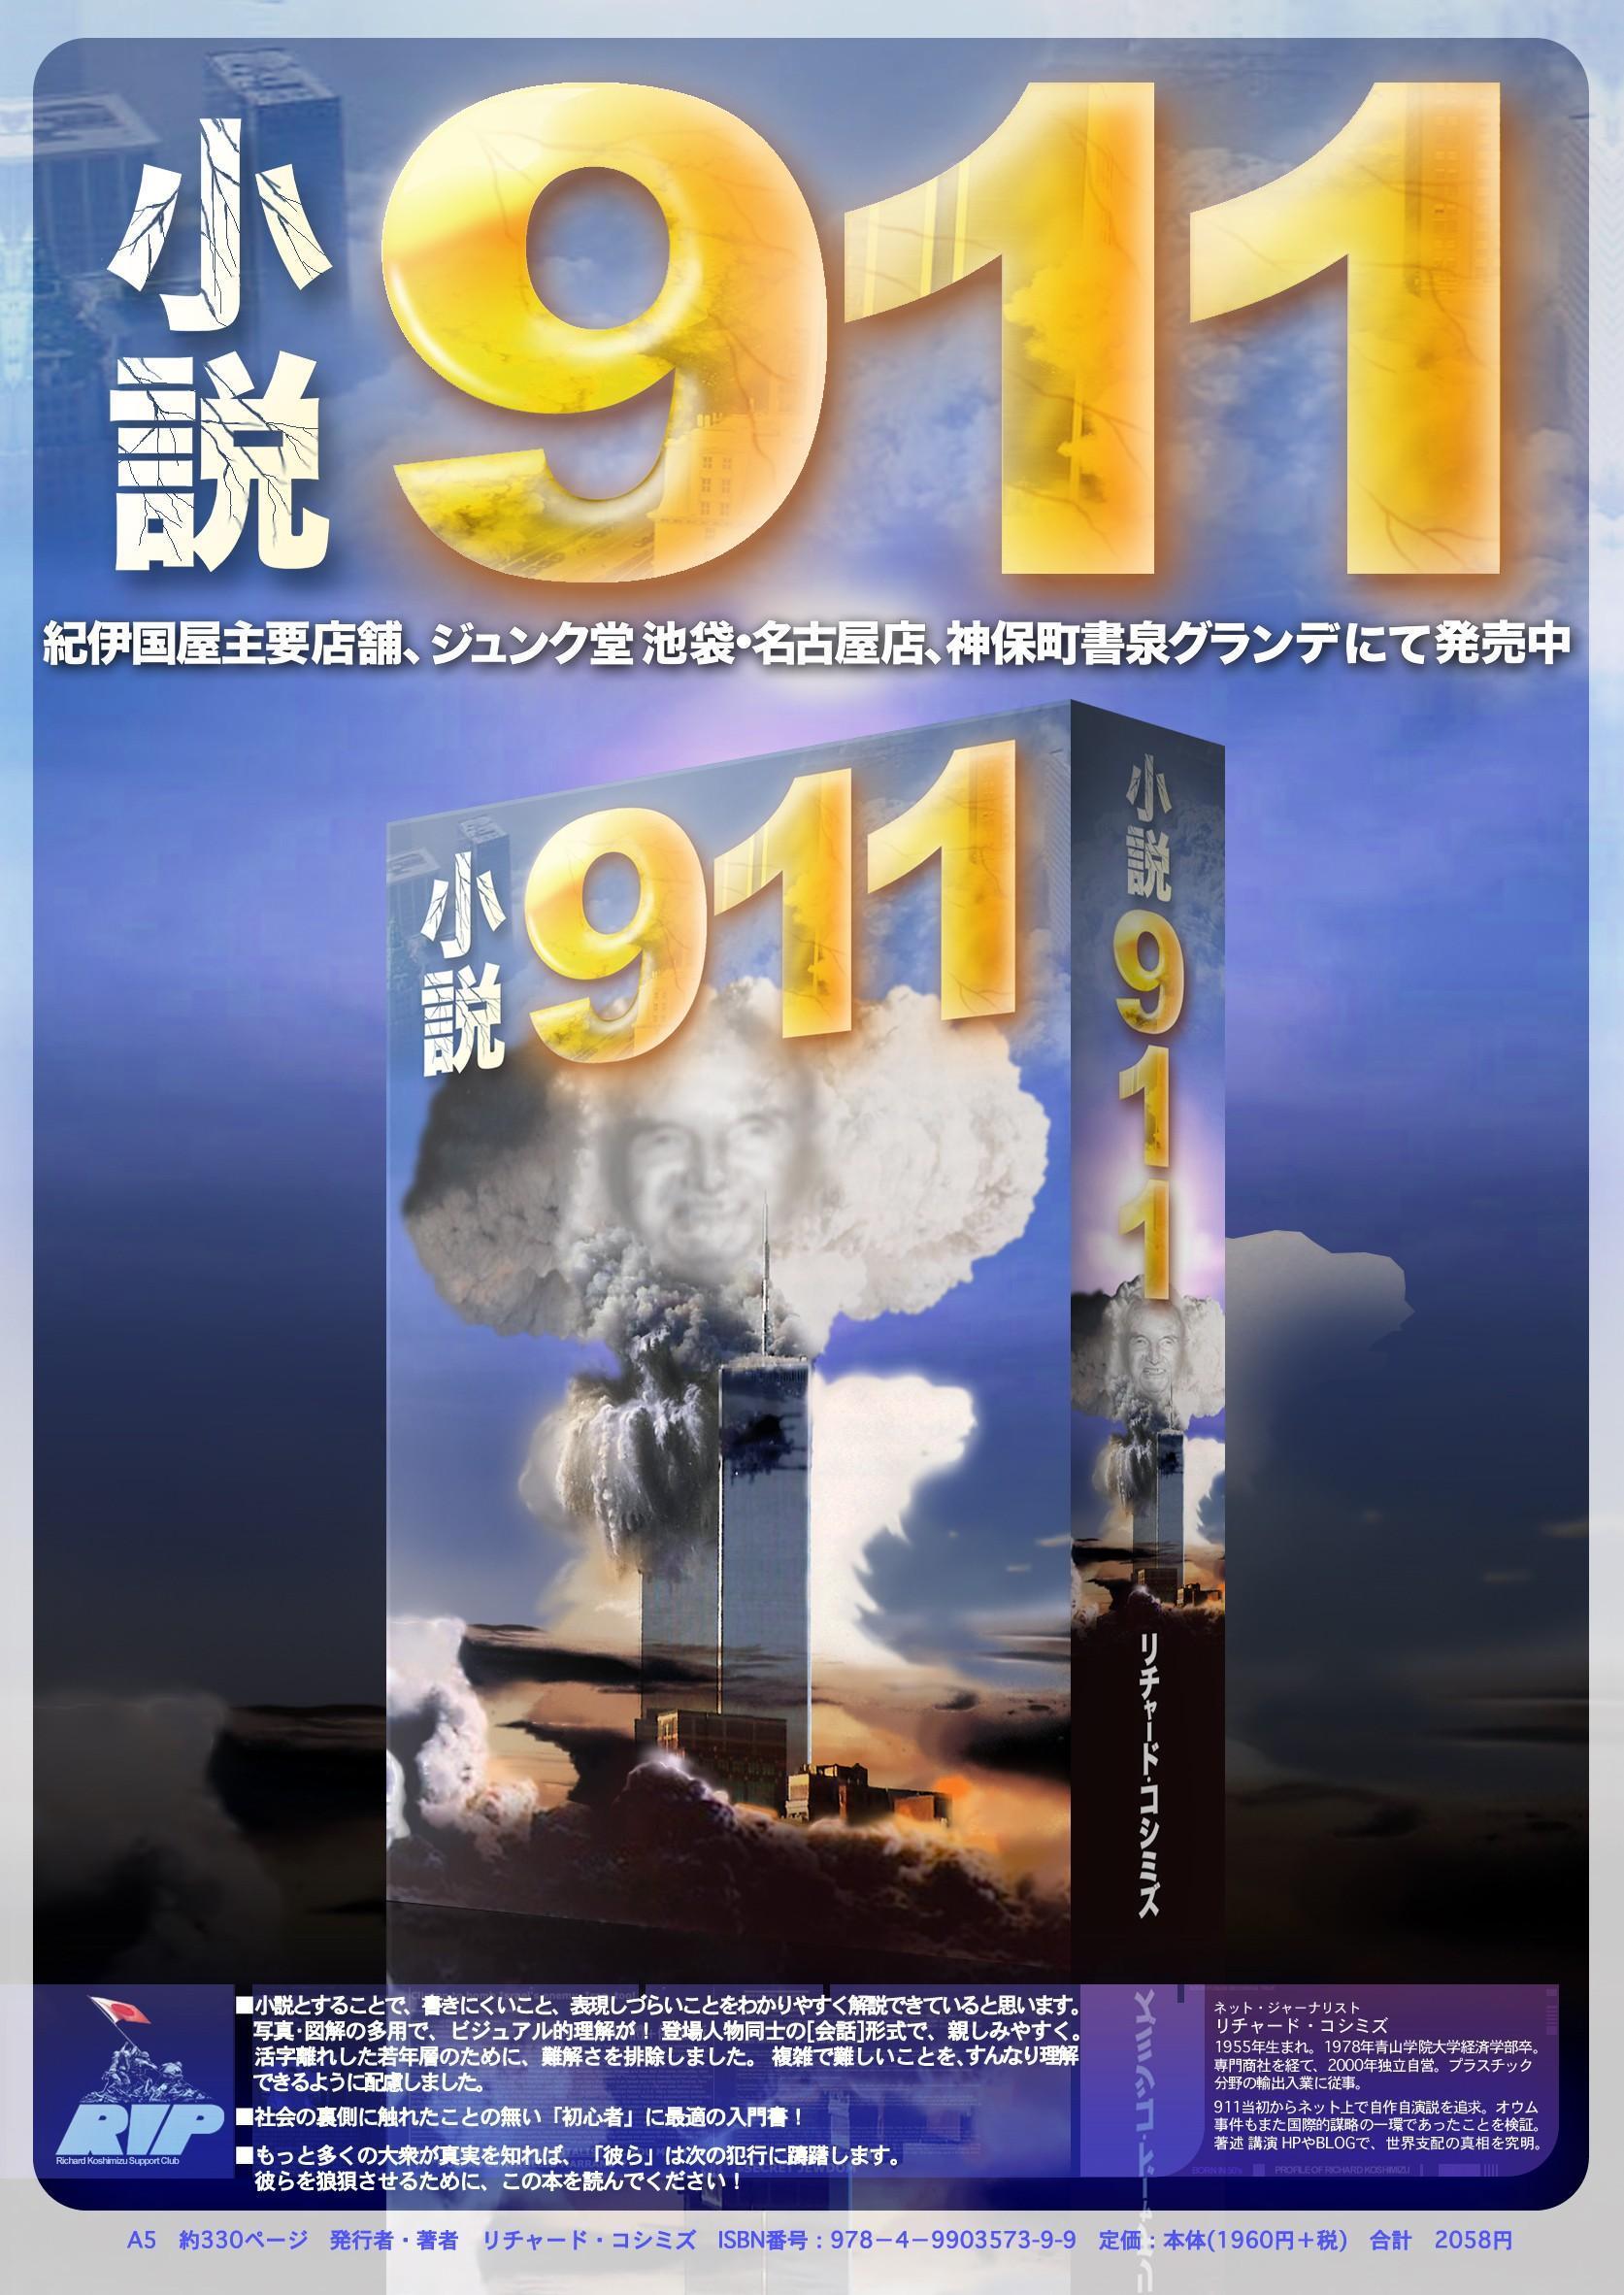 小説911配本開始まであと二日!